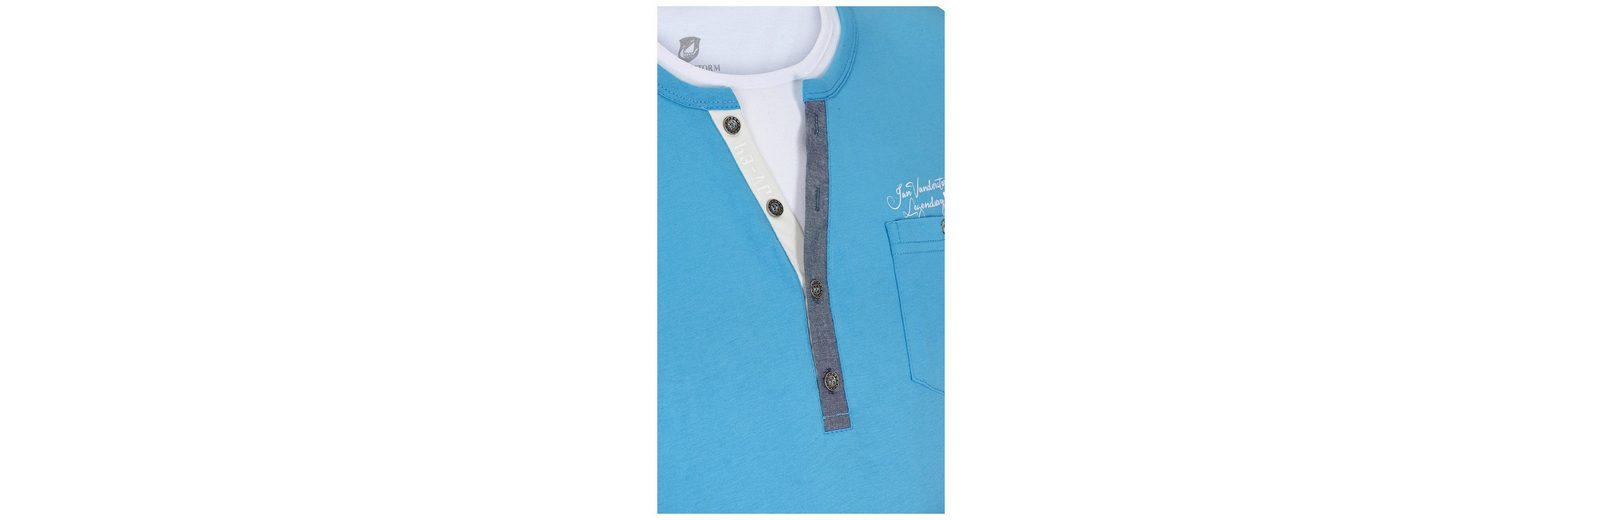 Jan Vanderstorm T-Shirt BERNER Bester Verkauf Günstiger Preis Günstig Kaufen Besten Verkauf Authentische Online Auslass Bilder EeyXVVv3